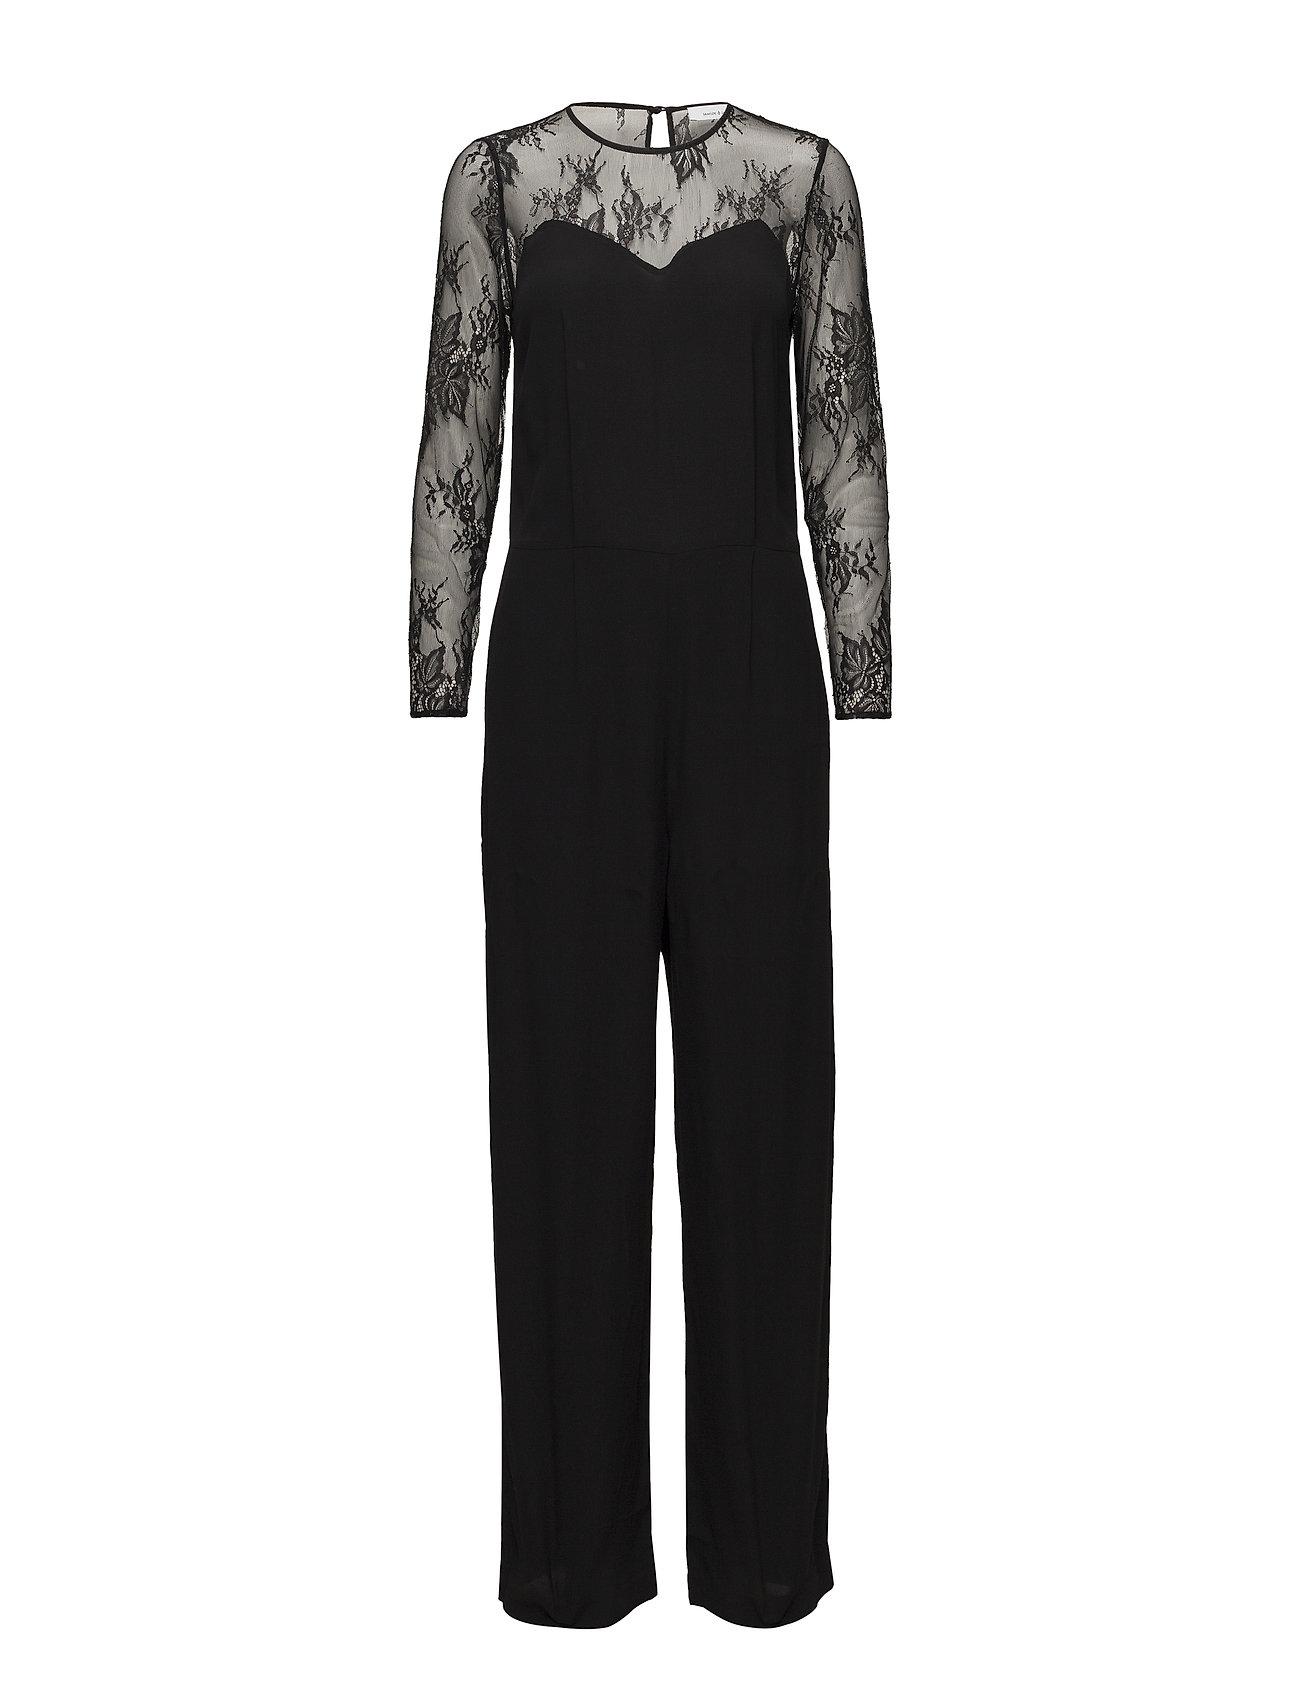 köper nytt detaljerade bilder välkänd Willow Ls Jumpsuit 10056 (Black) (149 €) - Samsøe & Samsøe ...